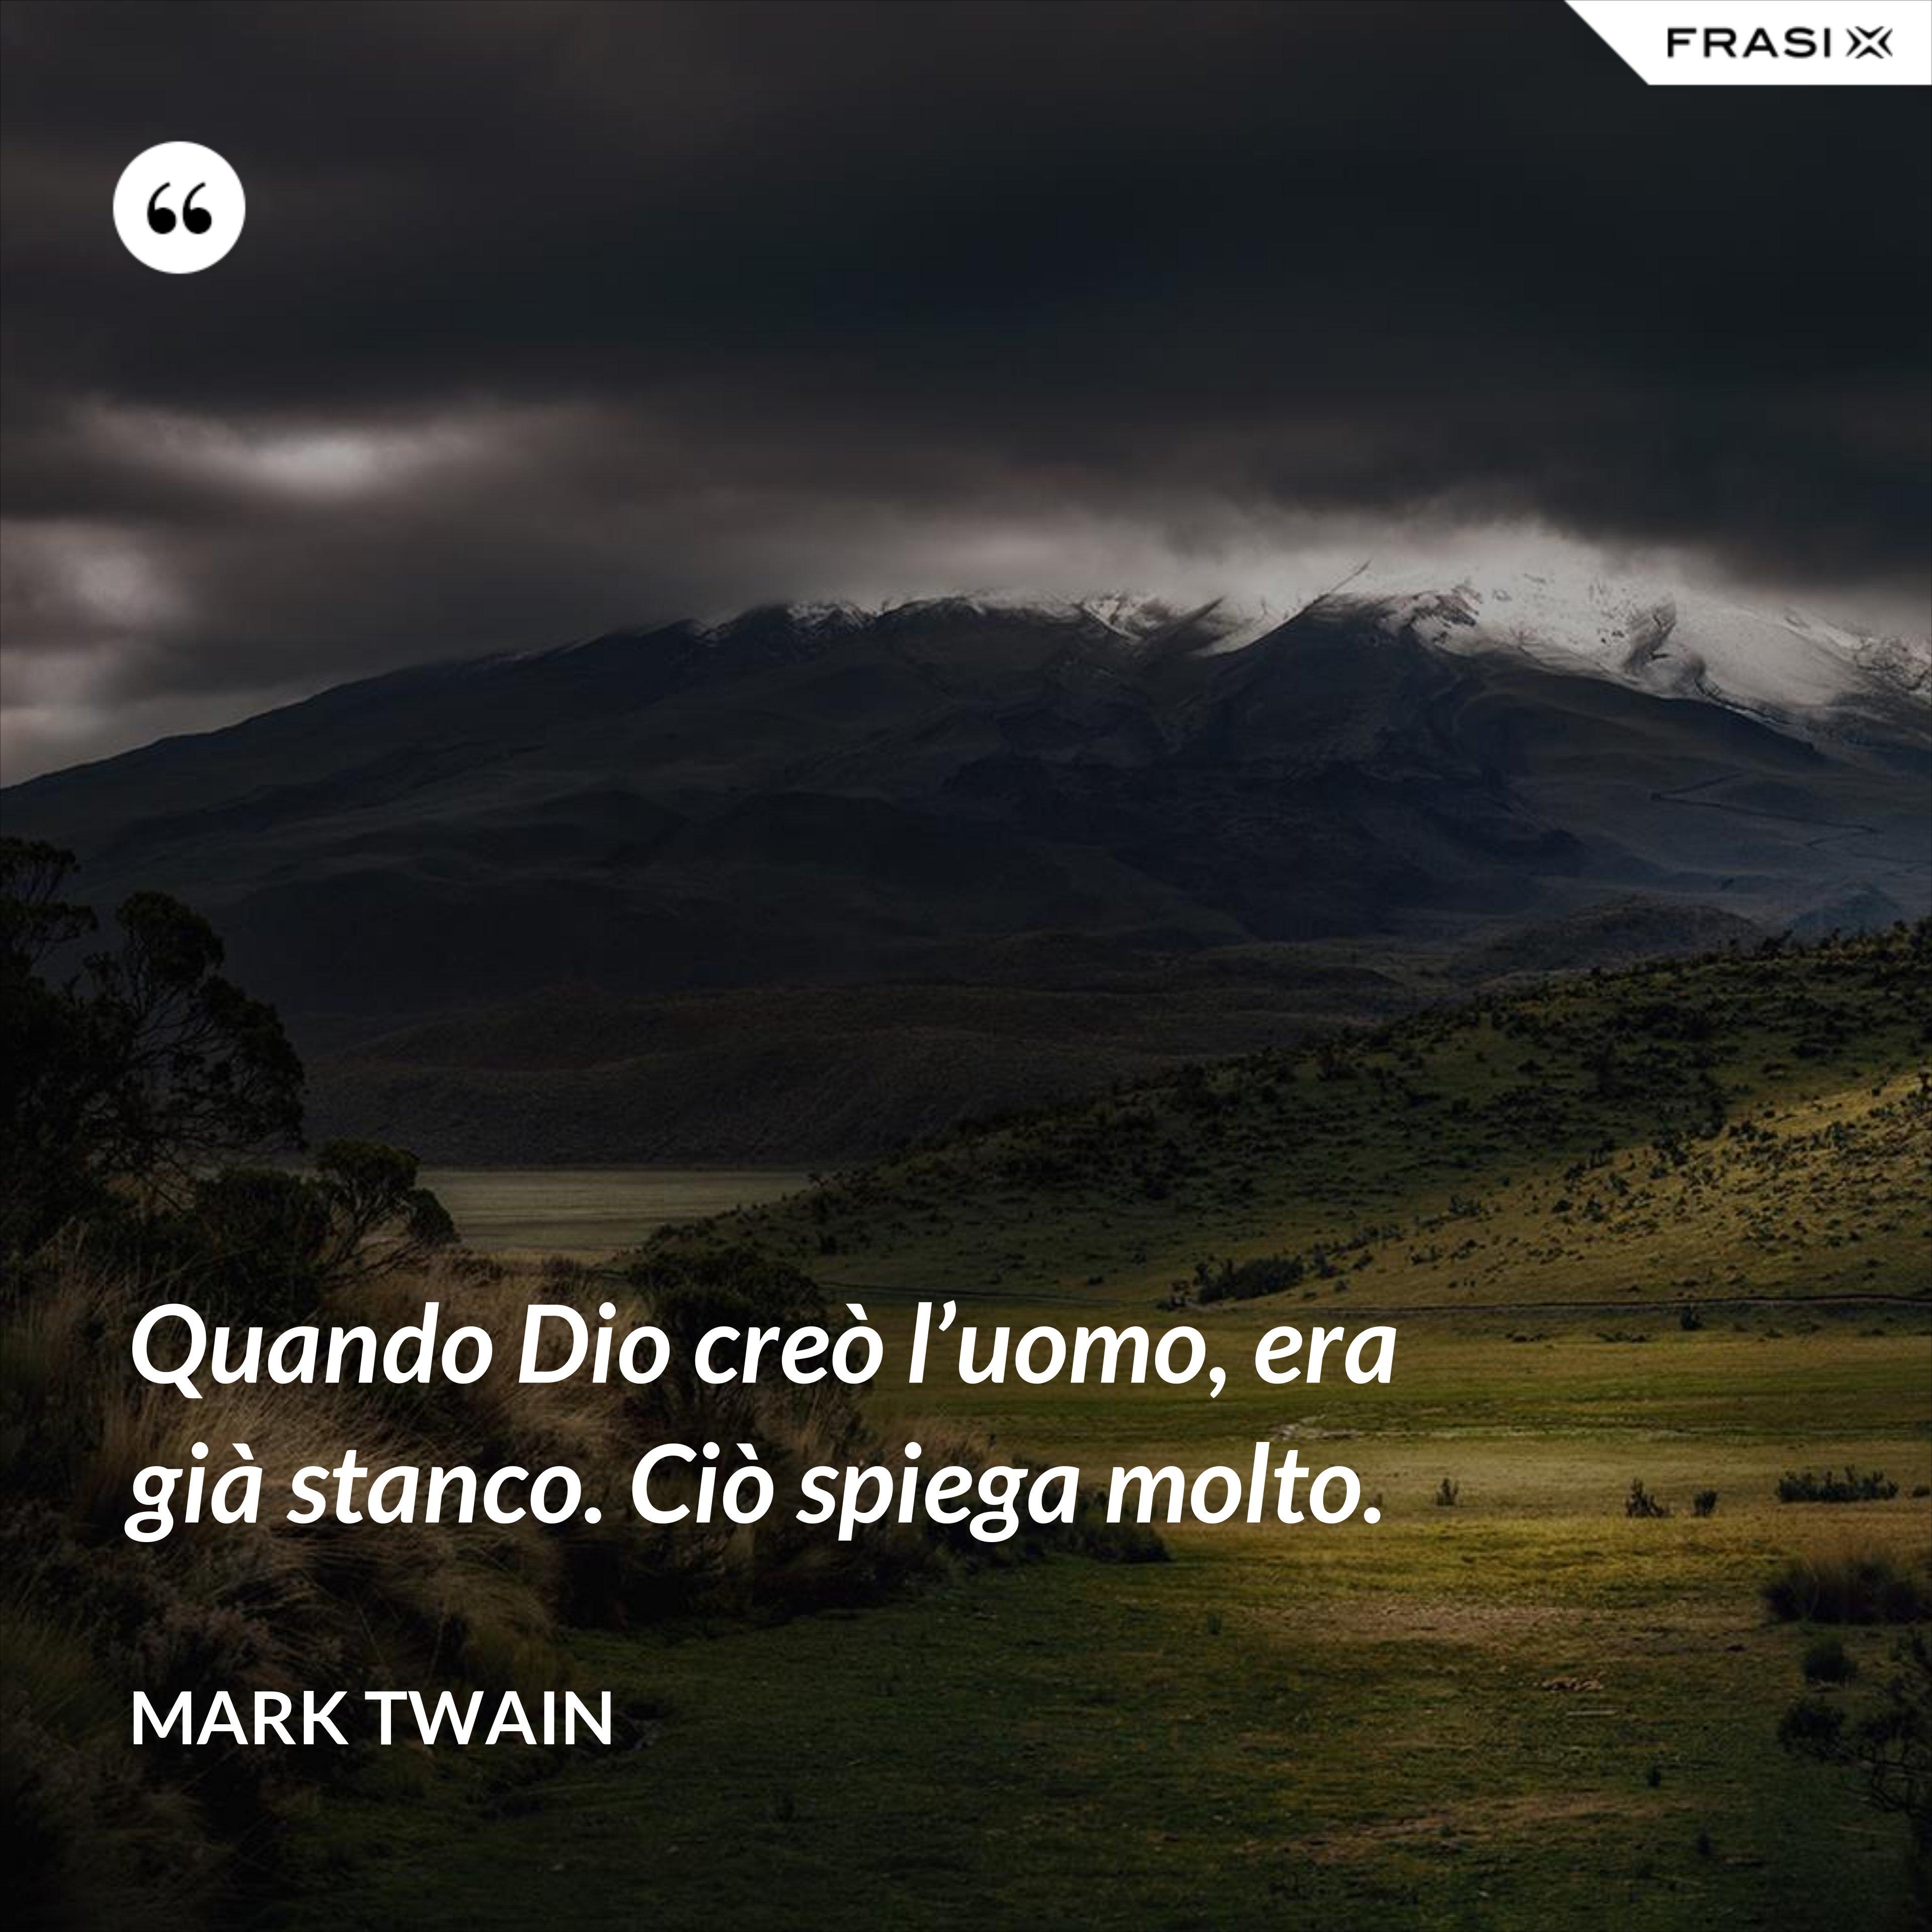 Quando Dio creò l'uomo, era già stanco. Ciò spiega molto. - Mark Twain